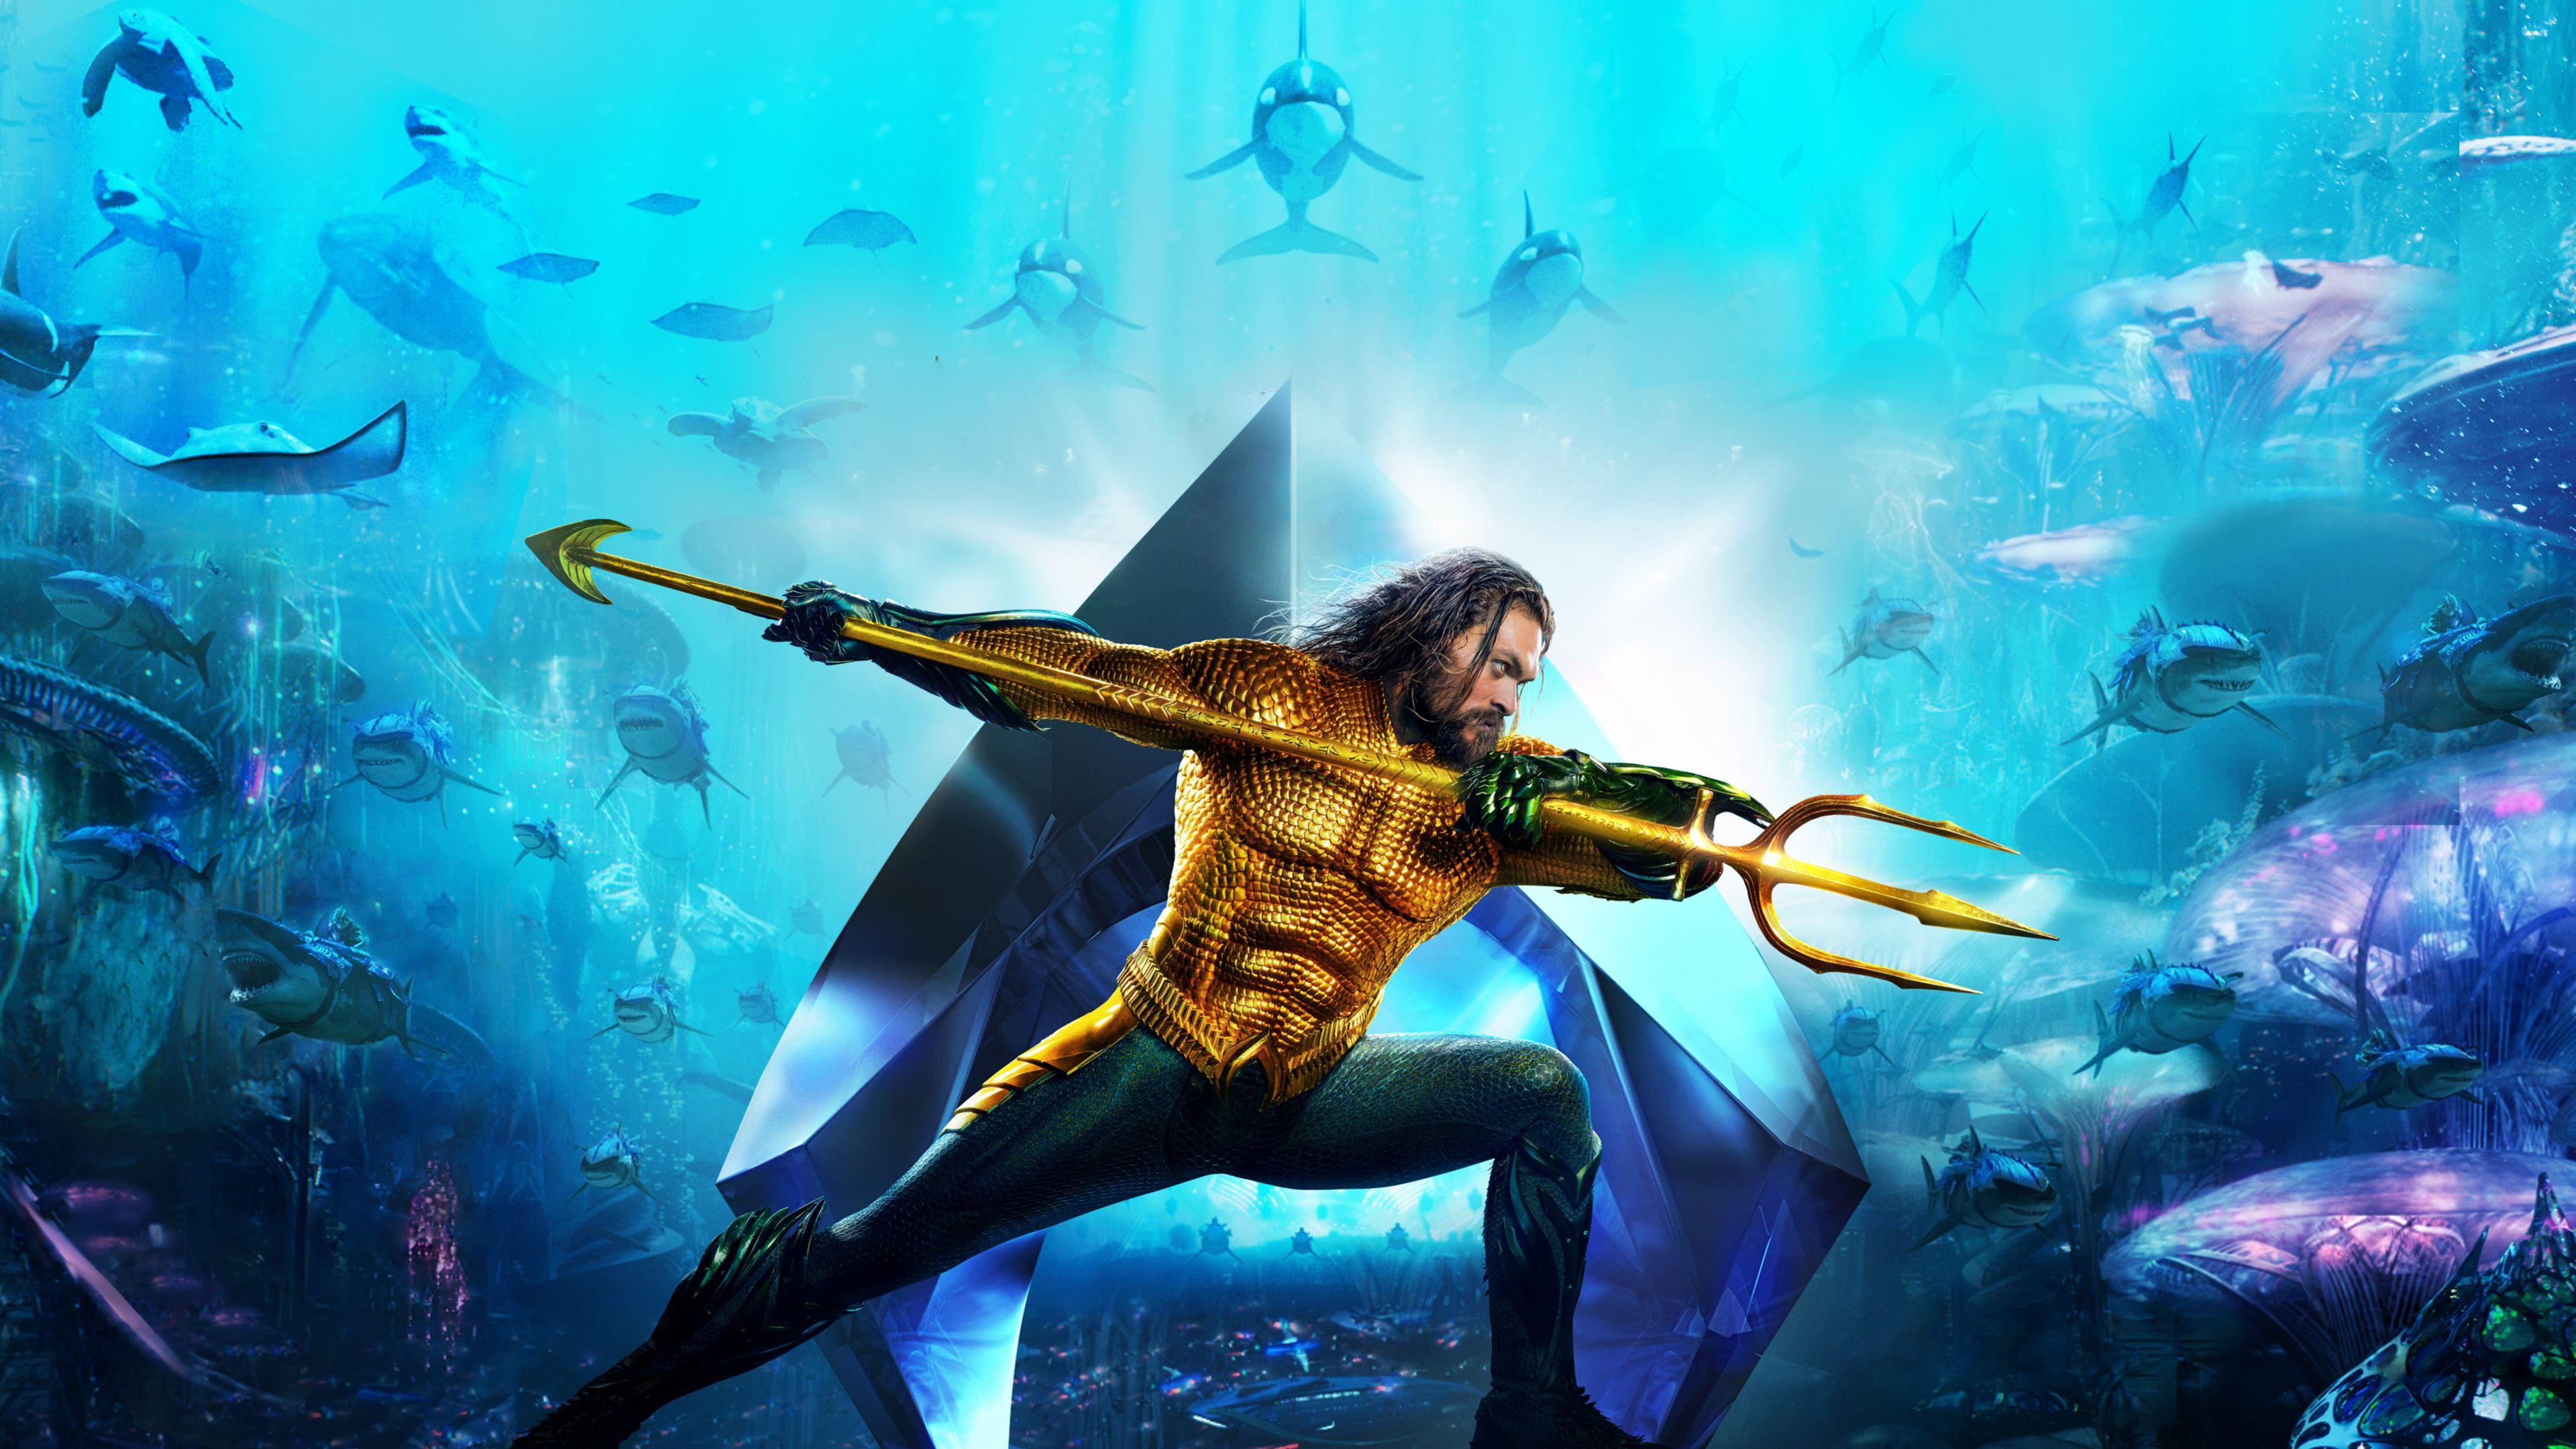 Aquaman Poster 2018 4k New Aquaman Wallpapers Hd 4k Download Aquaman New Poster 4k Aquaman Movie Wallpapers Hd 4k Aquaman 1 Aquaman Aquaman 2018 Jason Momoa